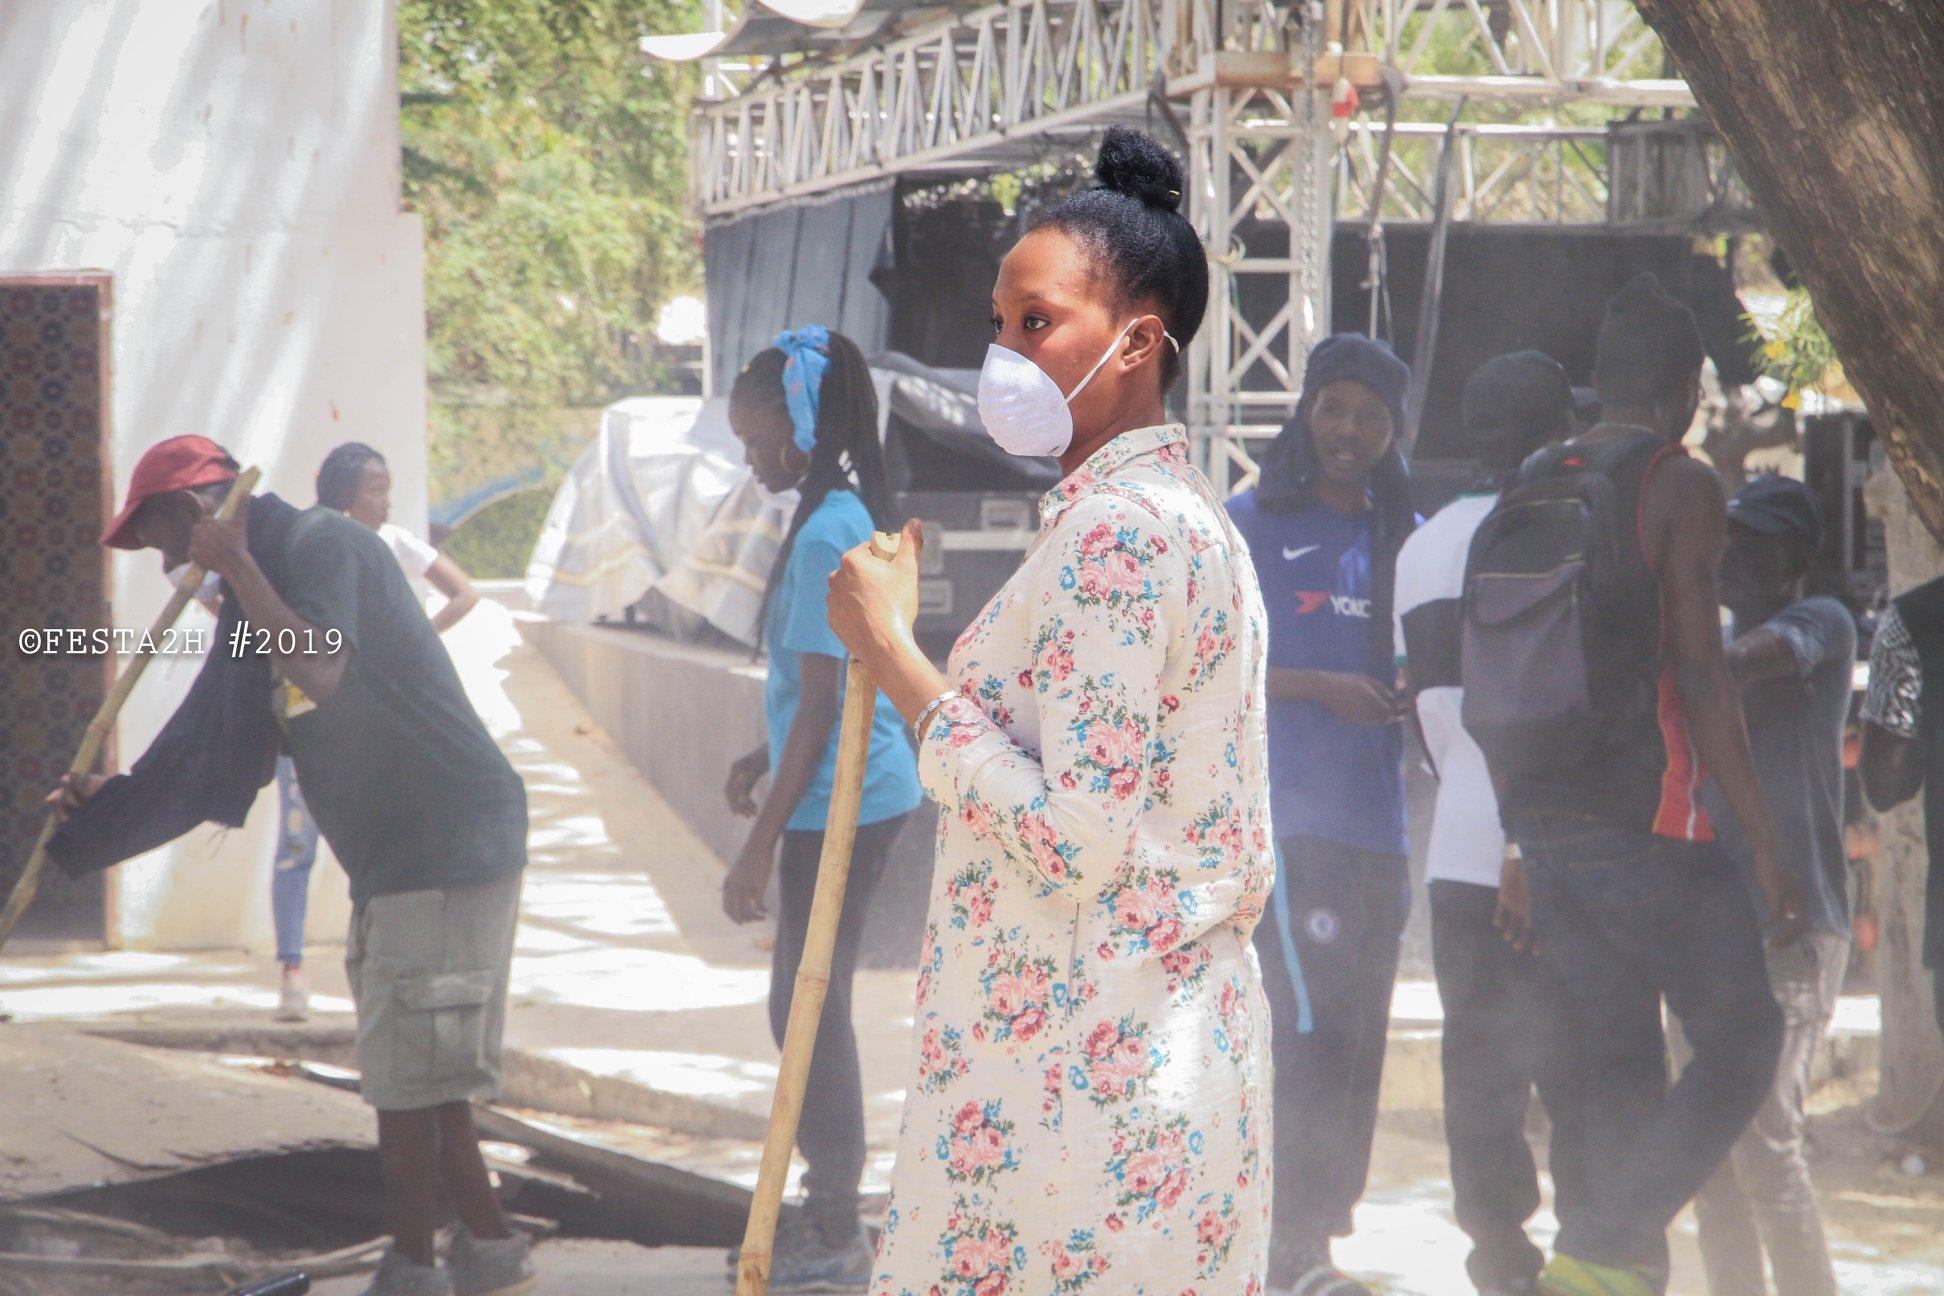 PHOTOS - FESTAH 2H Clean up challenge: Maison de la culture Douta Seck - Quand les rappeurs se mettent au boulot !